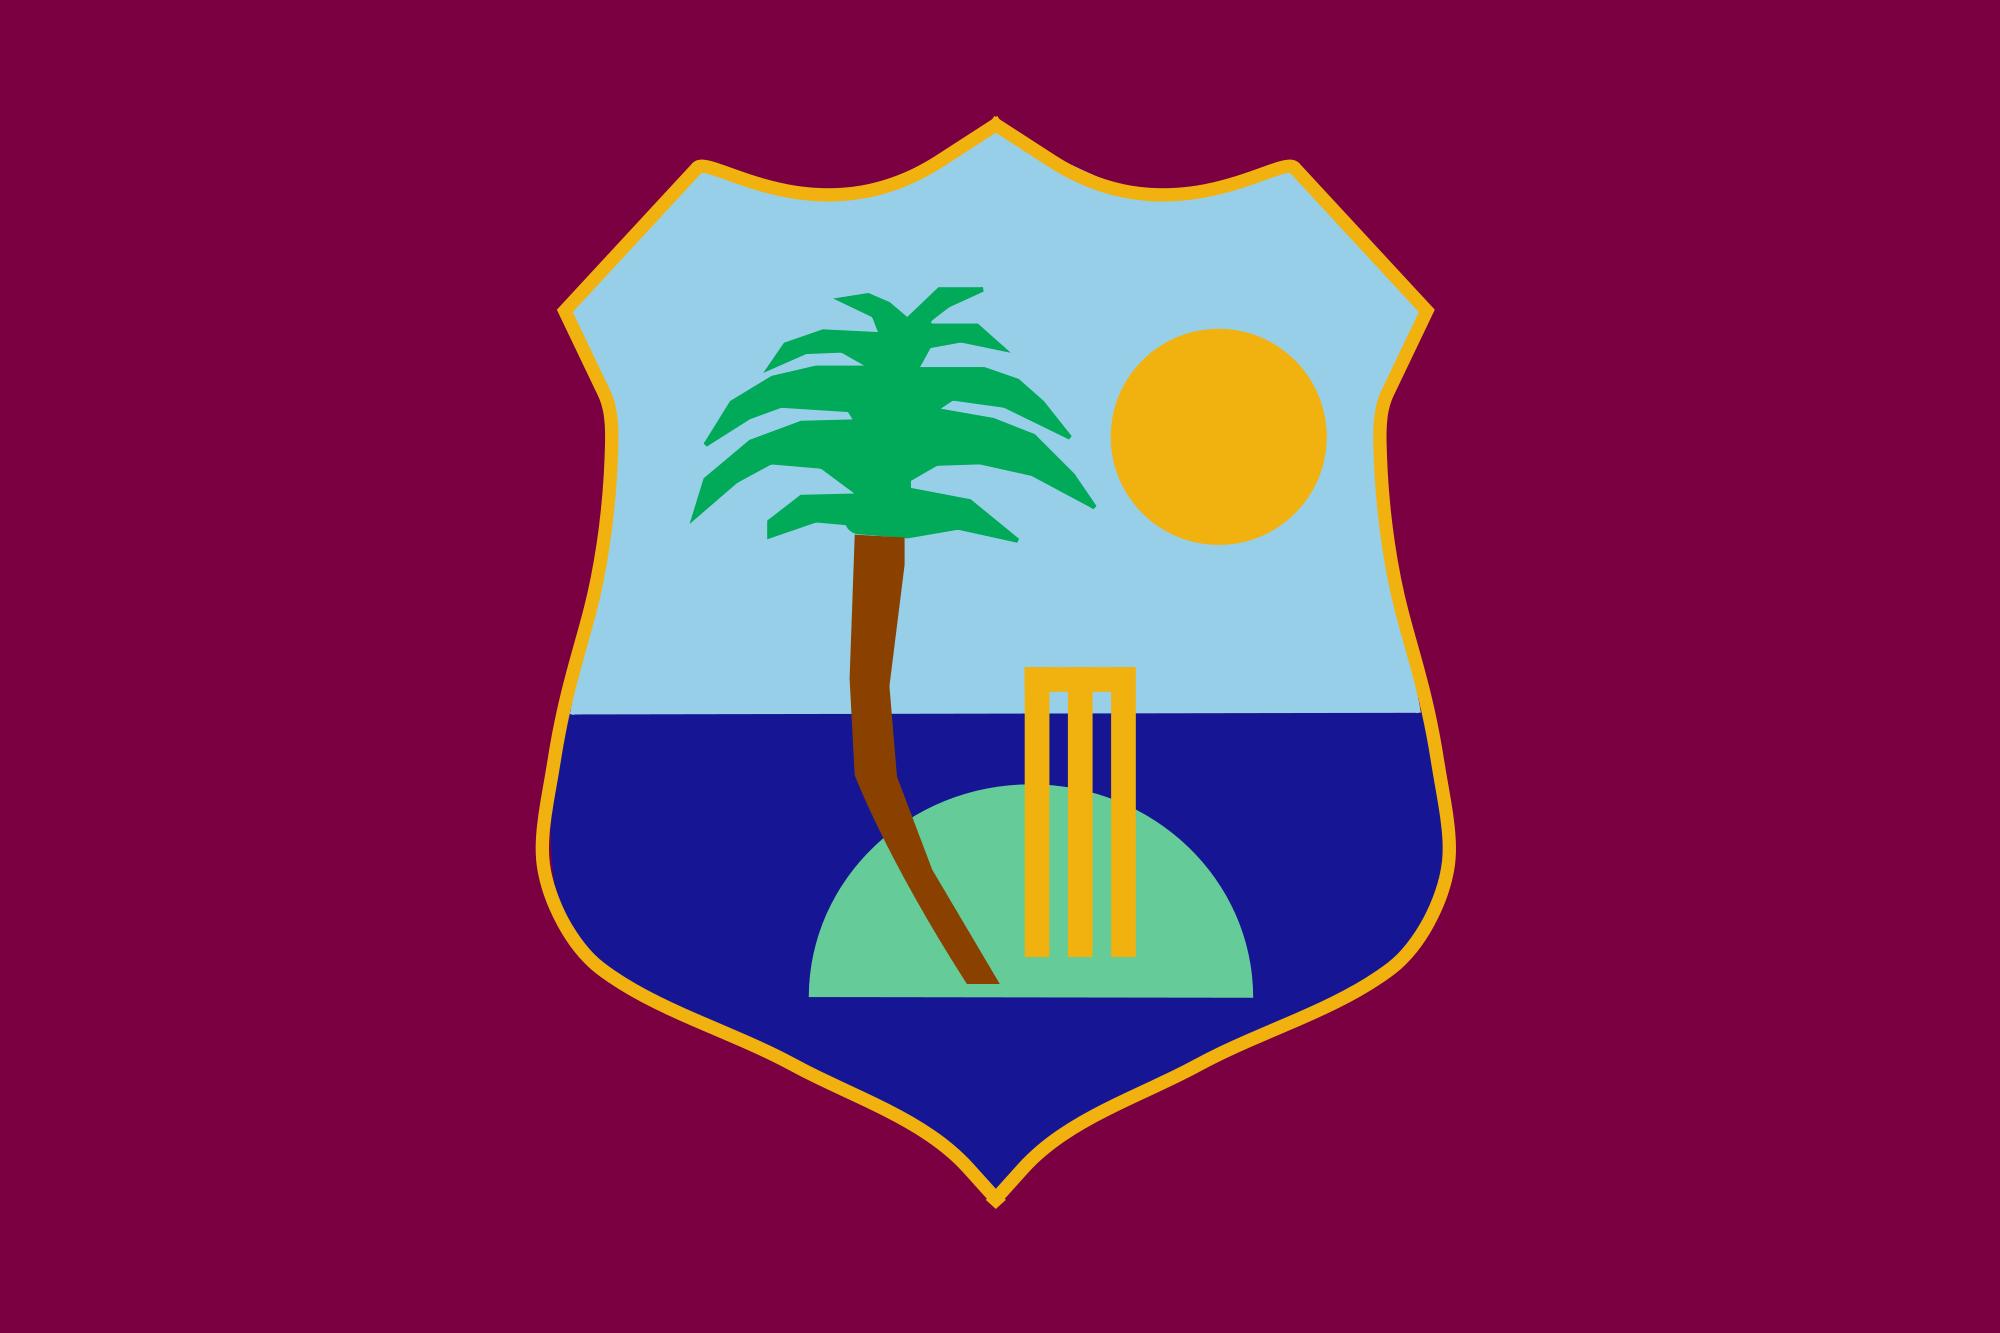 West Indies Cricket Team Teams Background 5